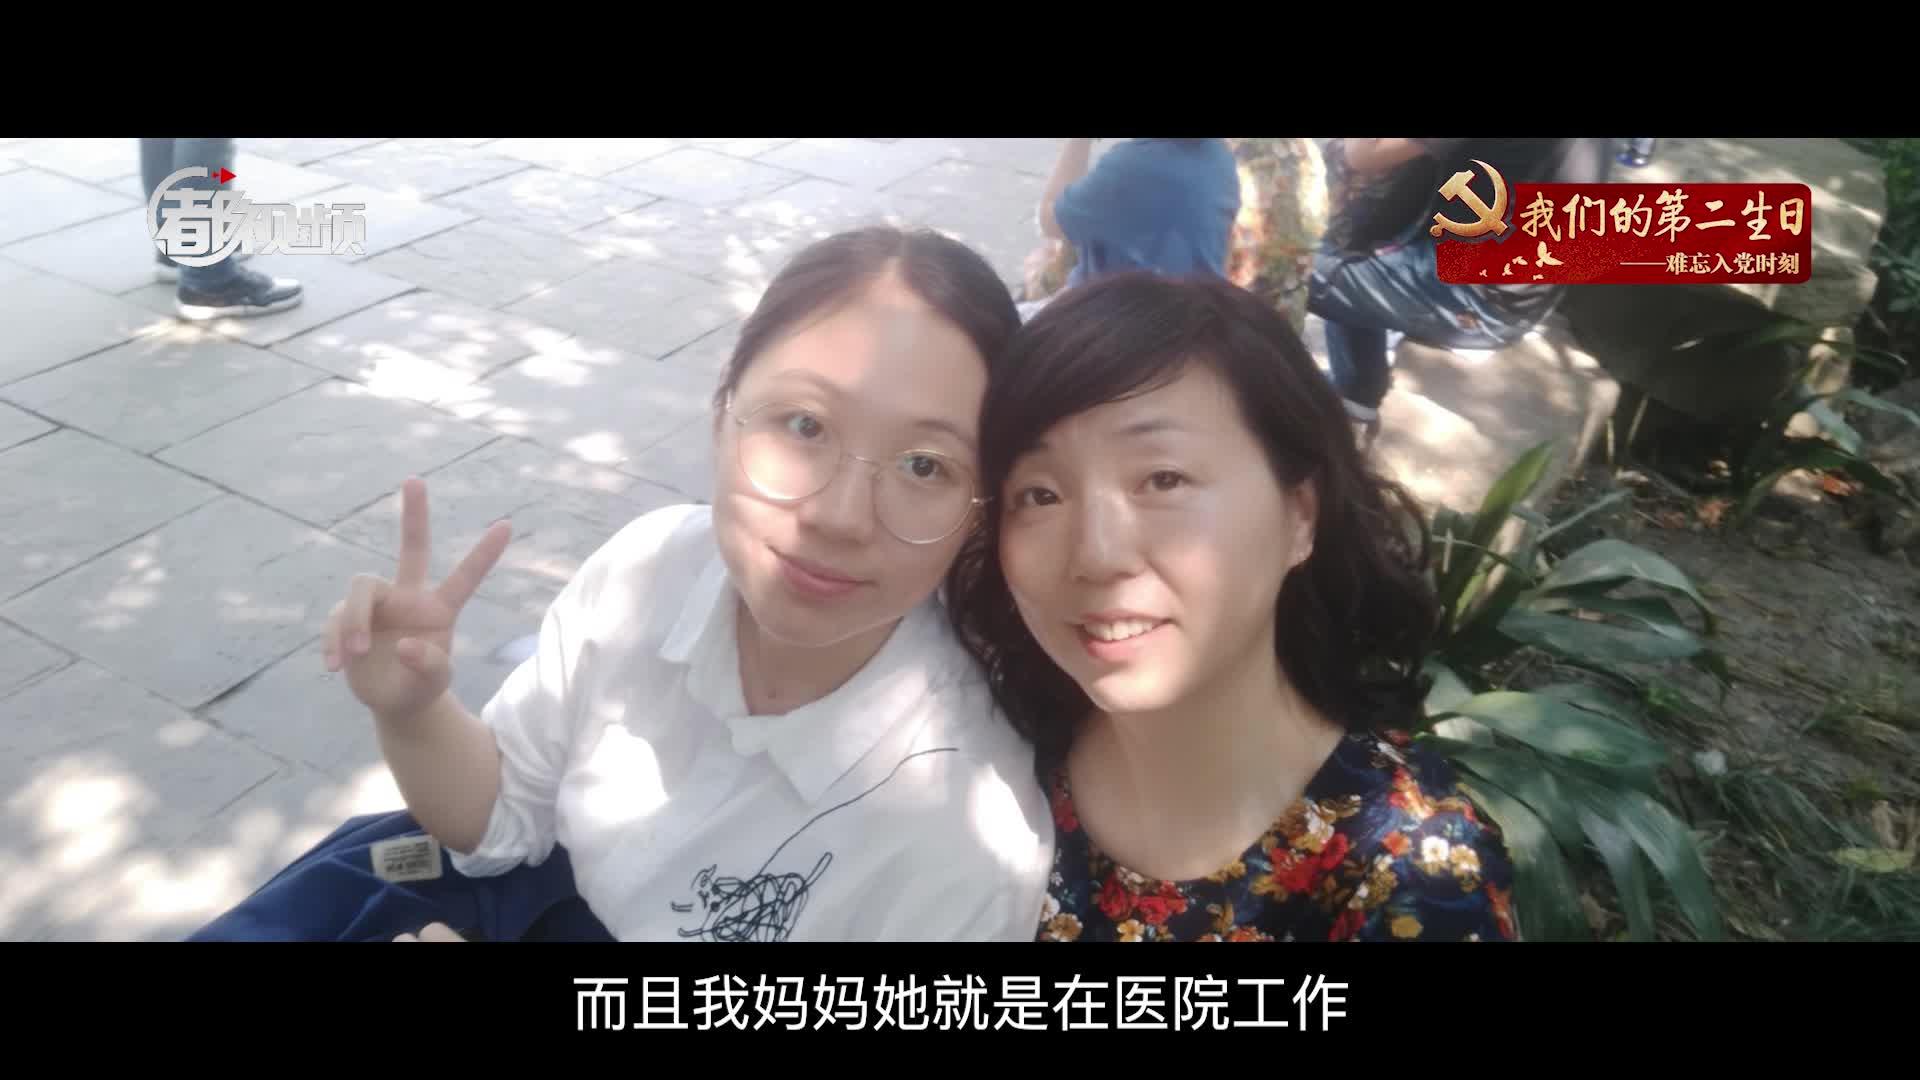 我们的第二生日 武汉抗疫志愿者刘寅君:这次经历让我更加明白了共产党员的意义